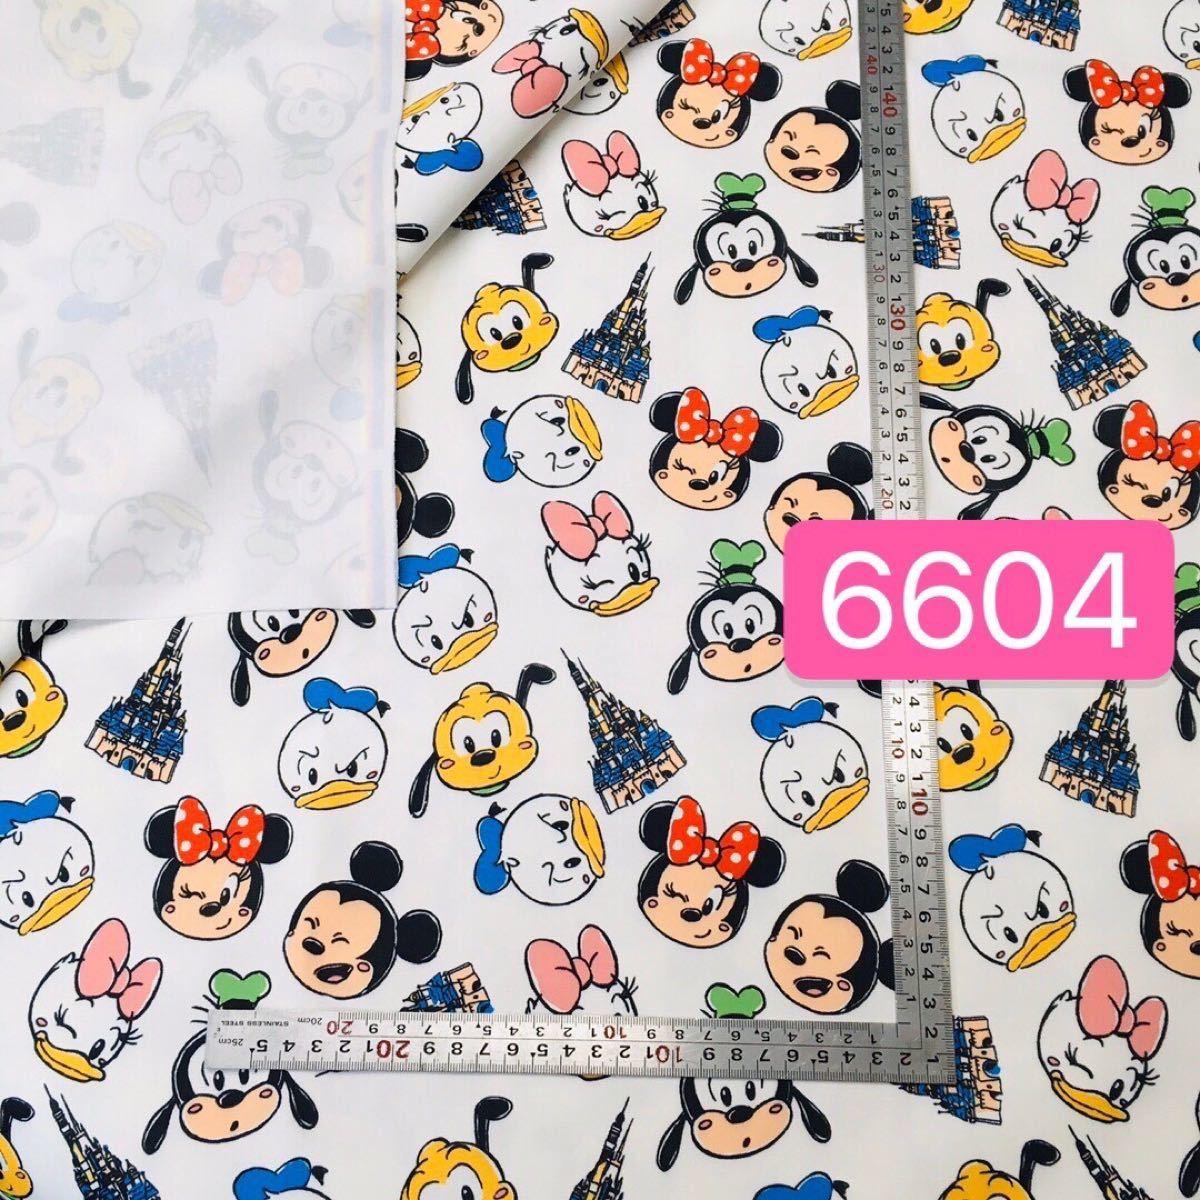 6604/ミッキーミニー生地超撥水 布生地 ハギレ ハンドメイド